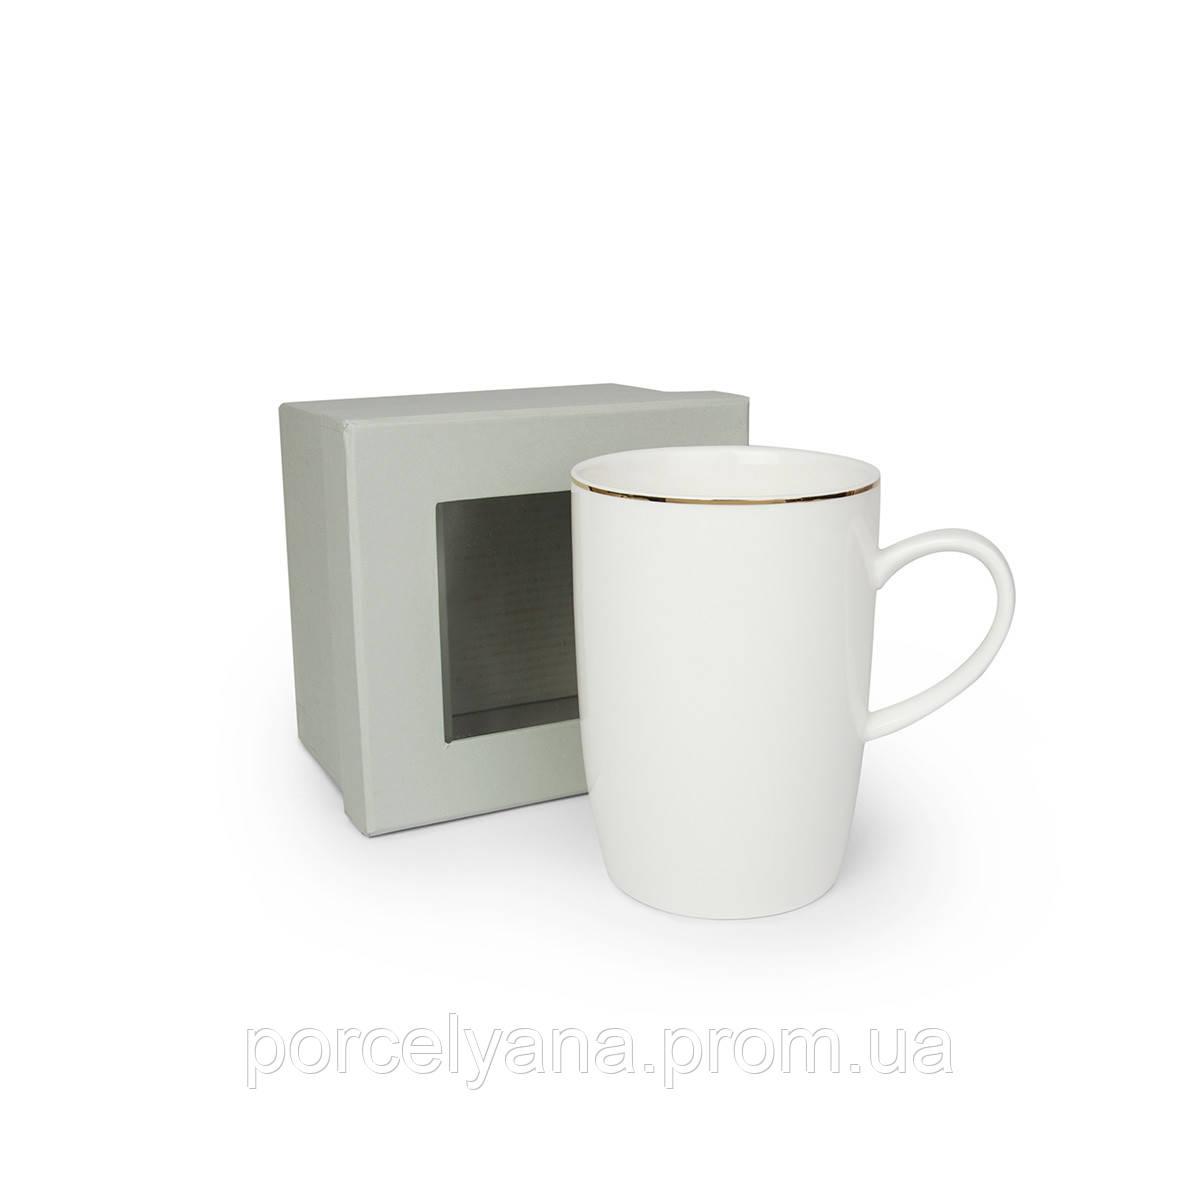 Чашка белая керамика серебро 450мл Anlux